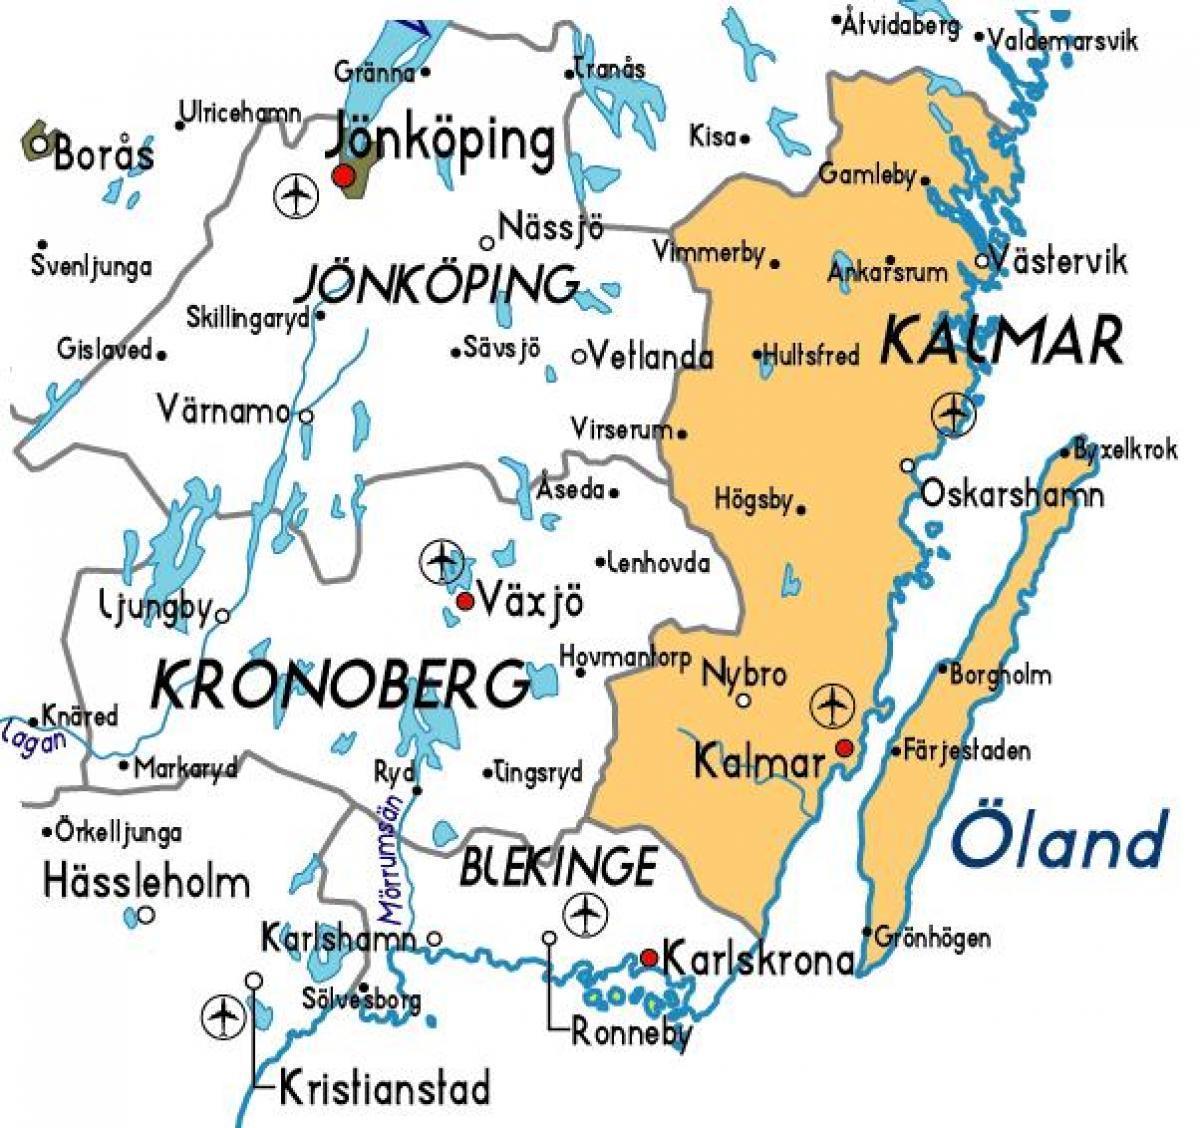 Karta Sverige Vimmerby.Kalmar Karta Sverige Kalmar Sverige Karta Norra Europa Europa